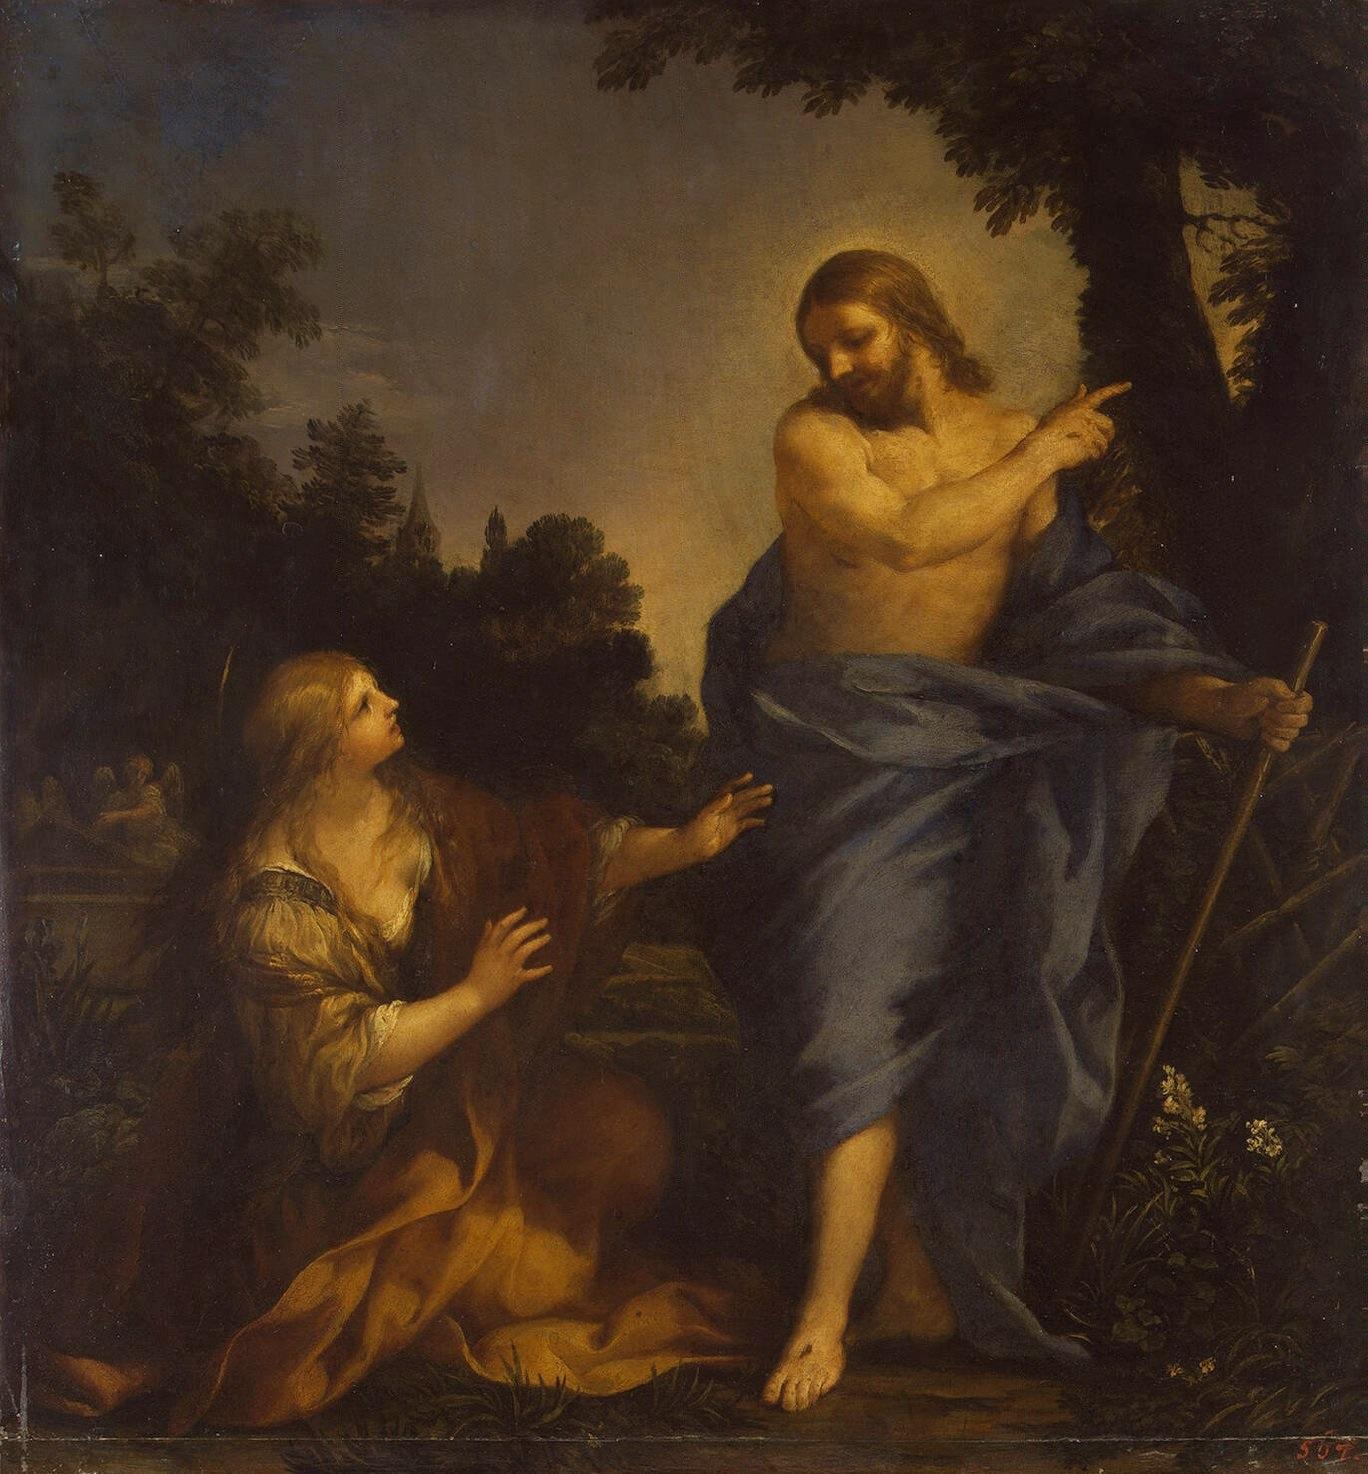 Pietro_da_Cortona_-_Cristo_appare_a_Maria_Maddalena